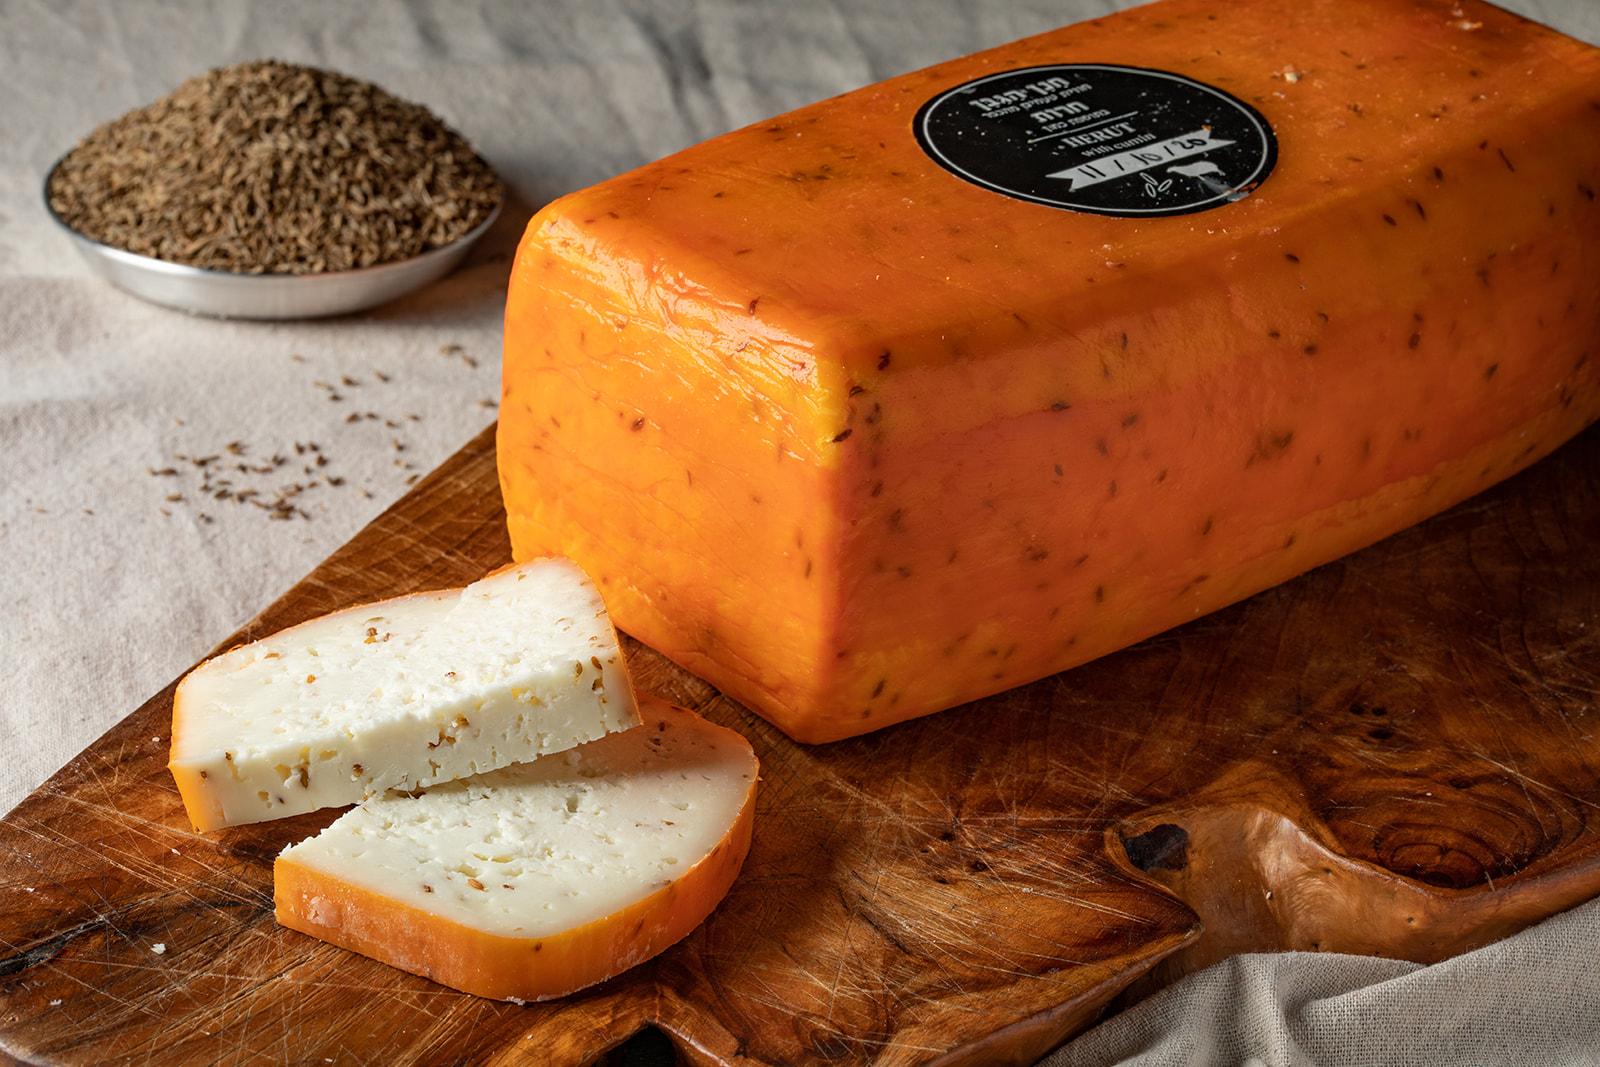 גבינת חרות כמון בסגנון גאודה מחלב כבשים